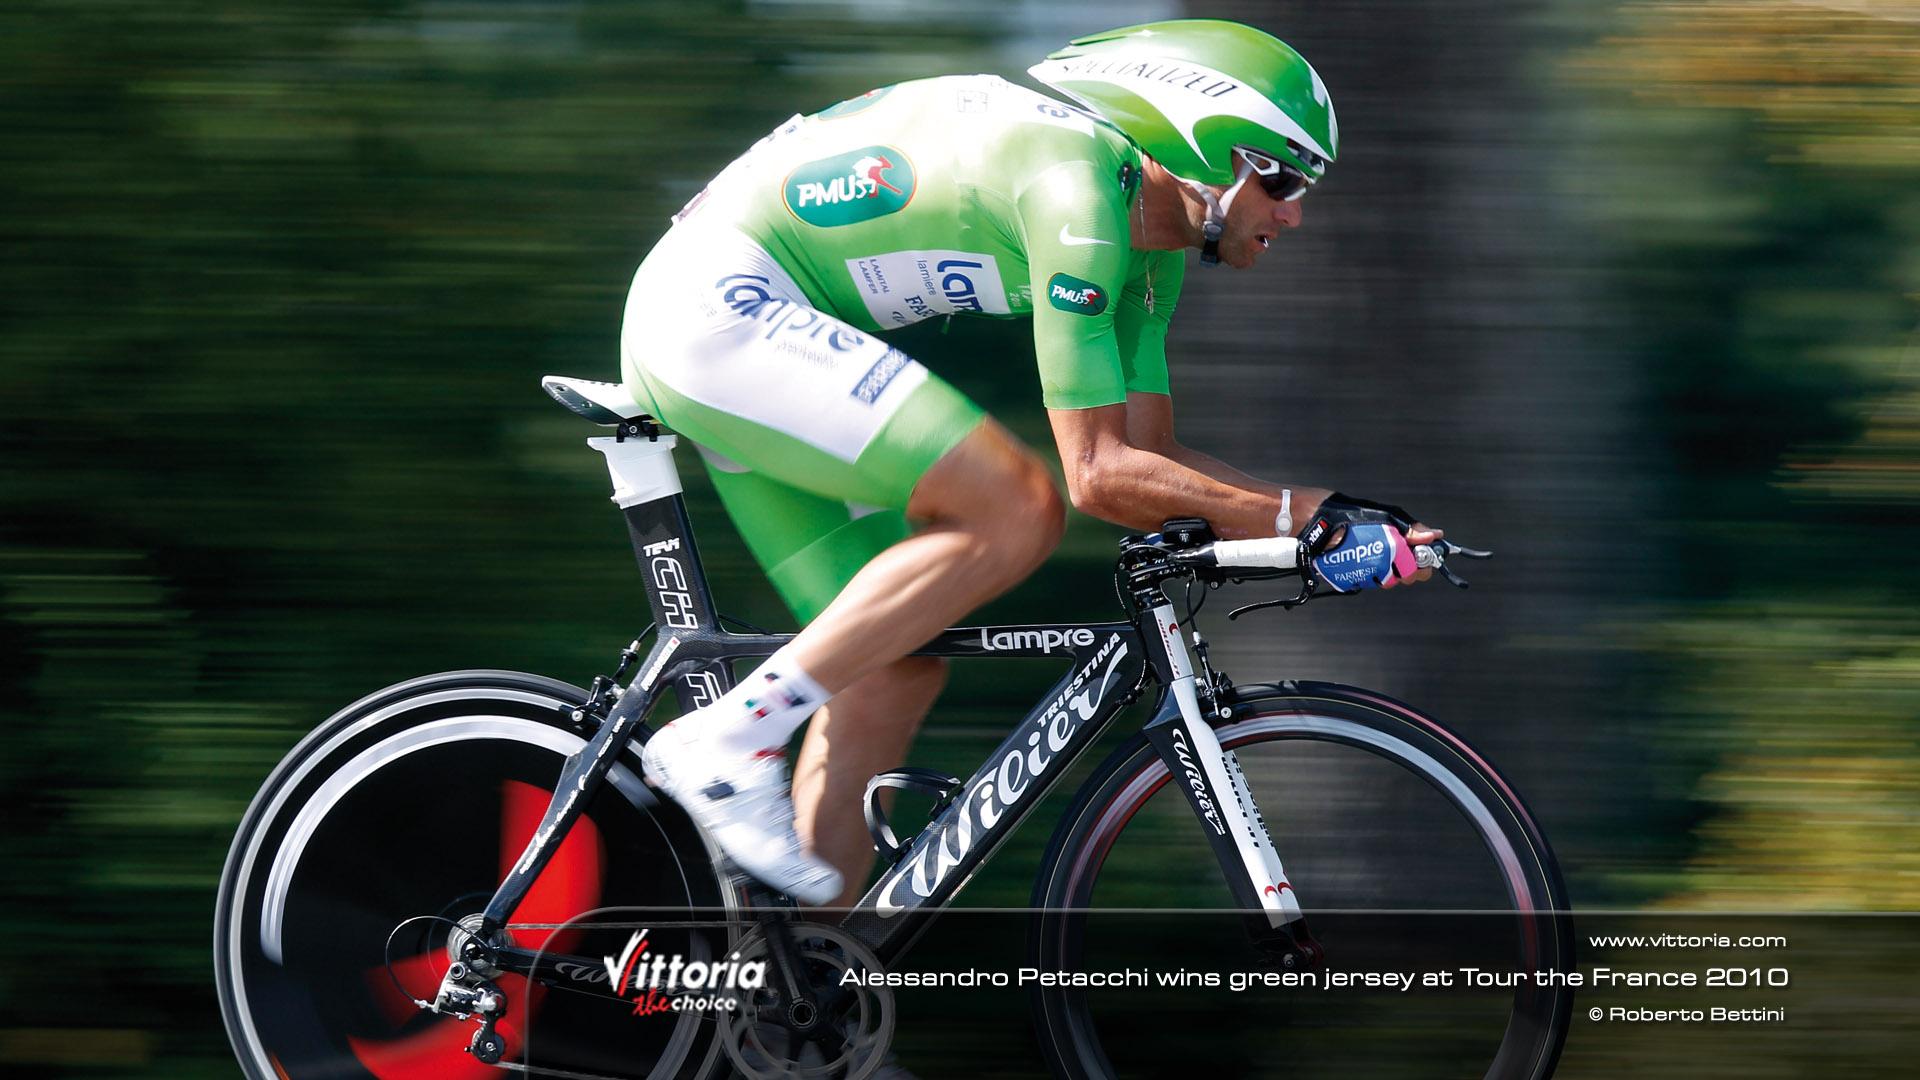 Tour De France wallpaper   283122 1920x1080